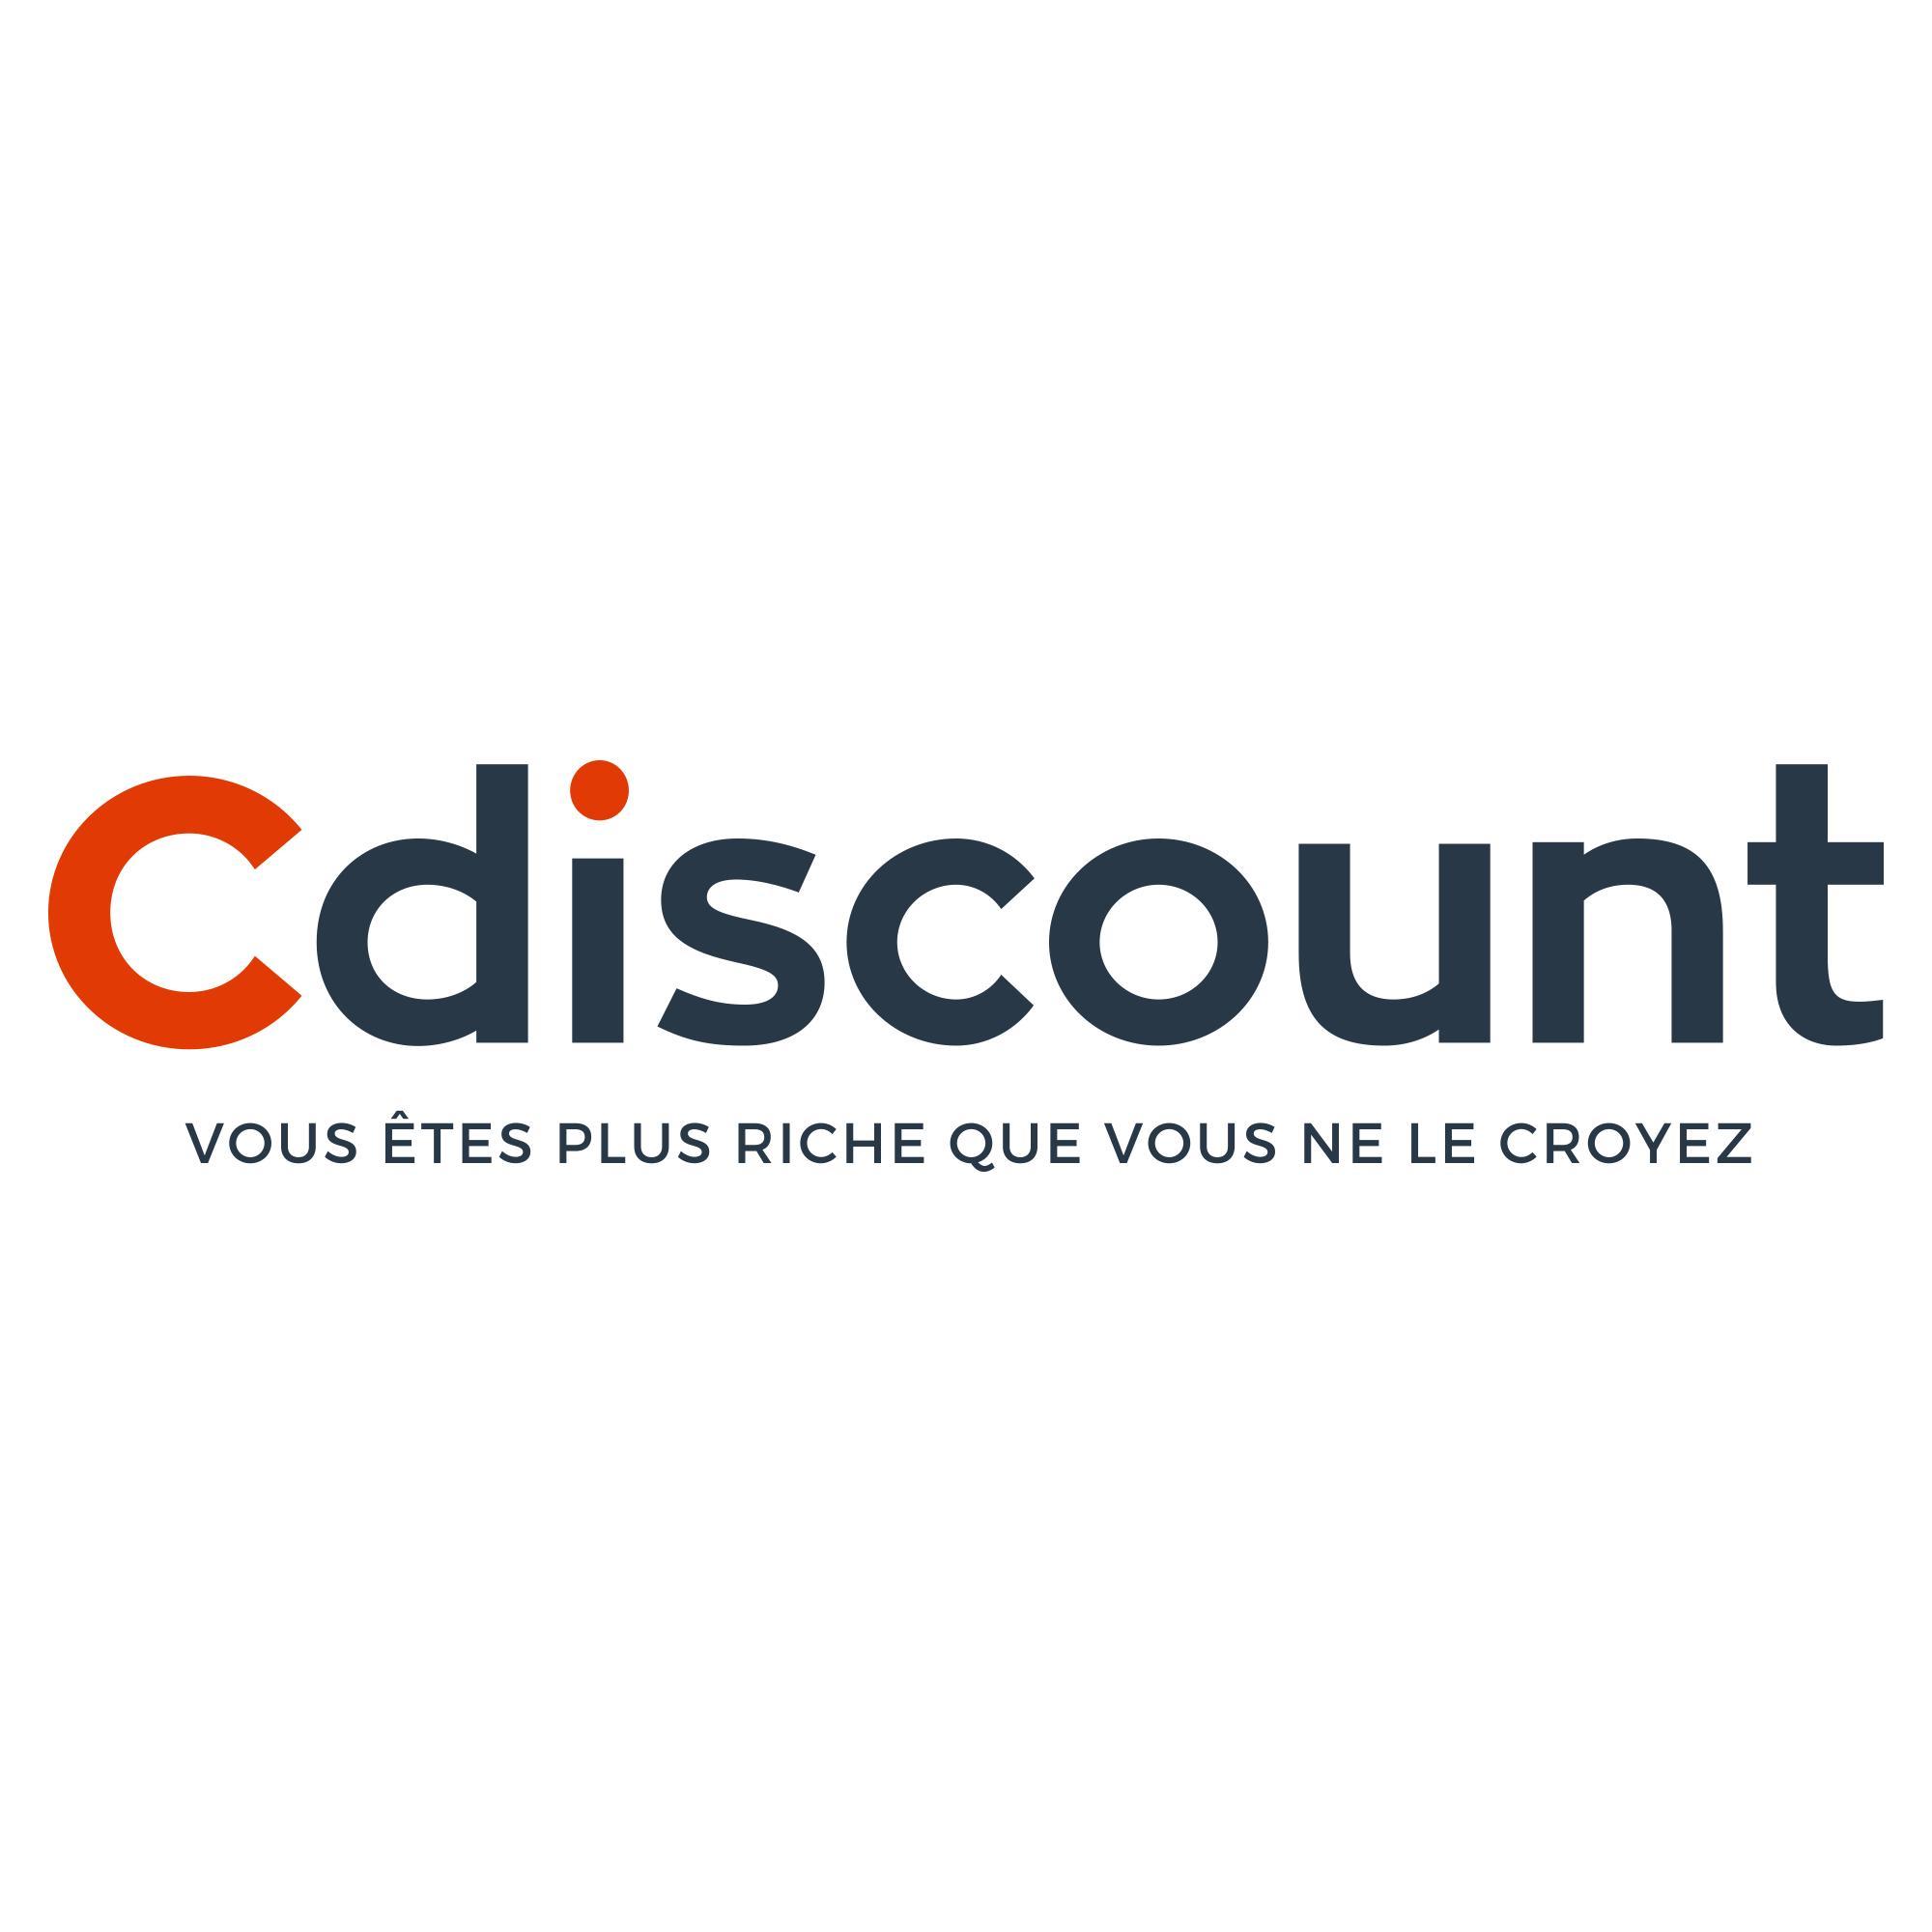 20€ de réduction dès 149€ d'achat + 20€ offerts en bon d'achat sur une sélection de produits